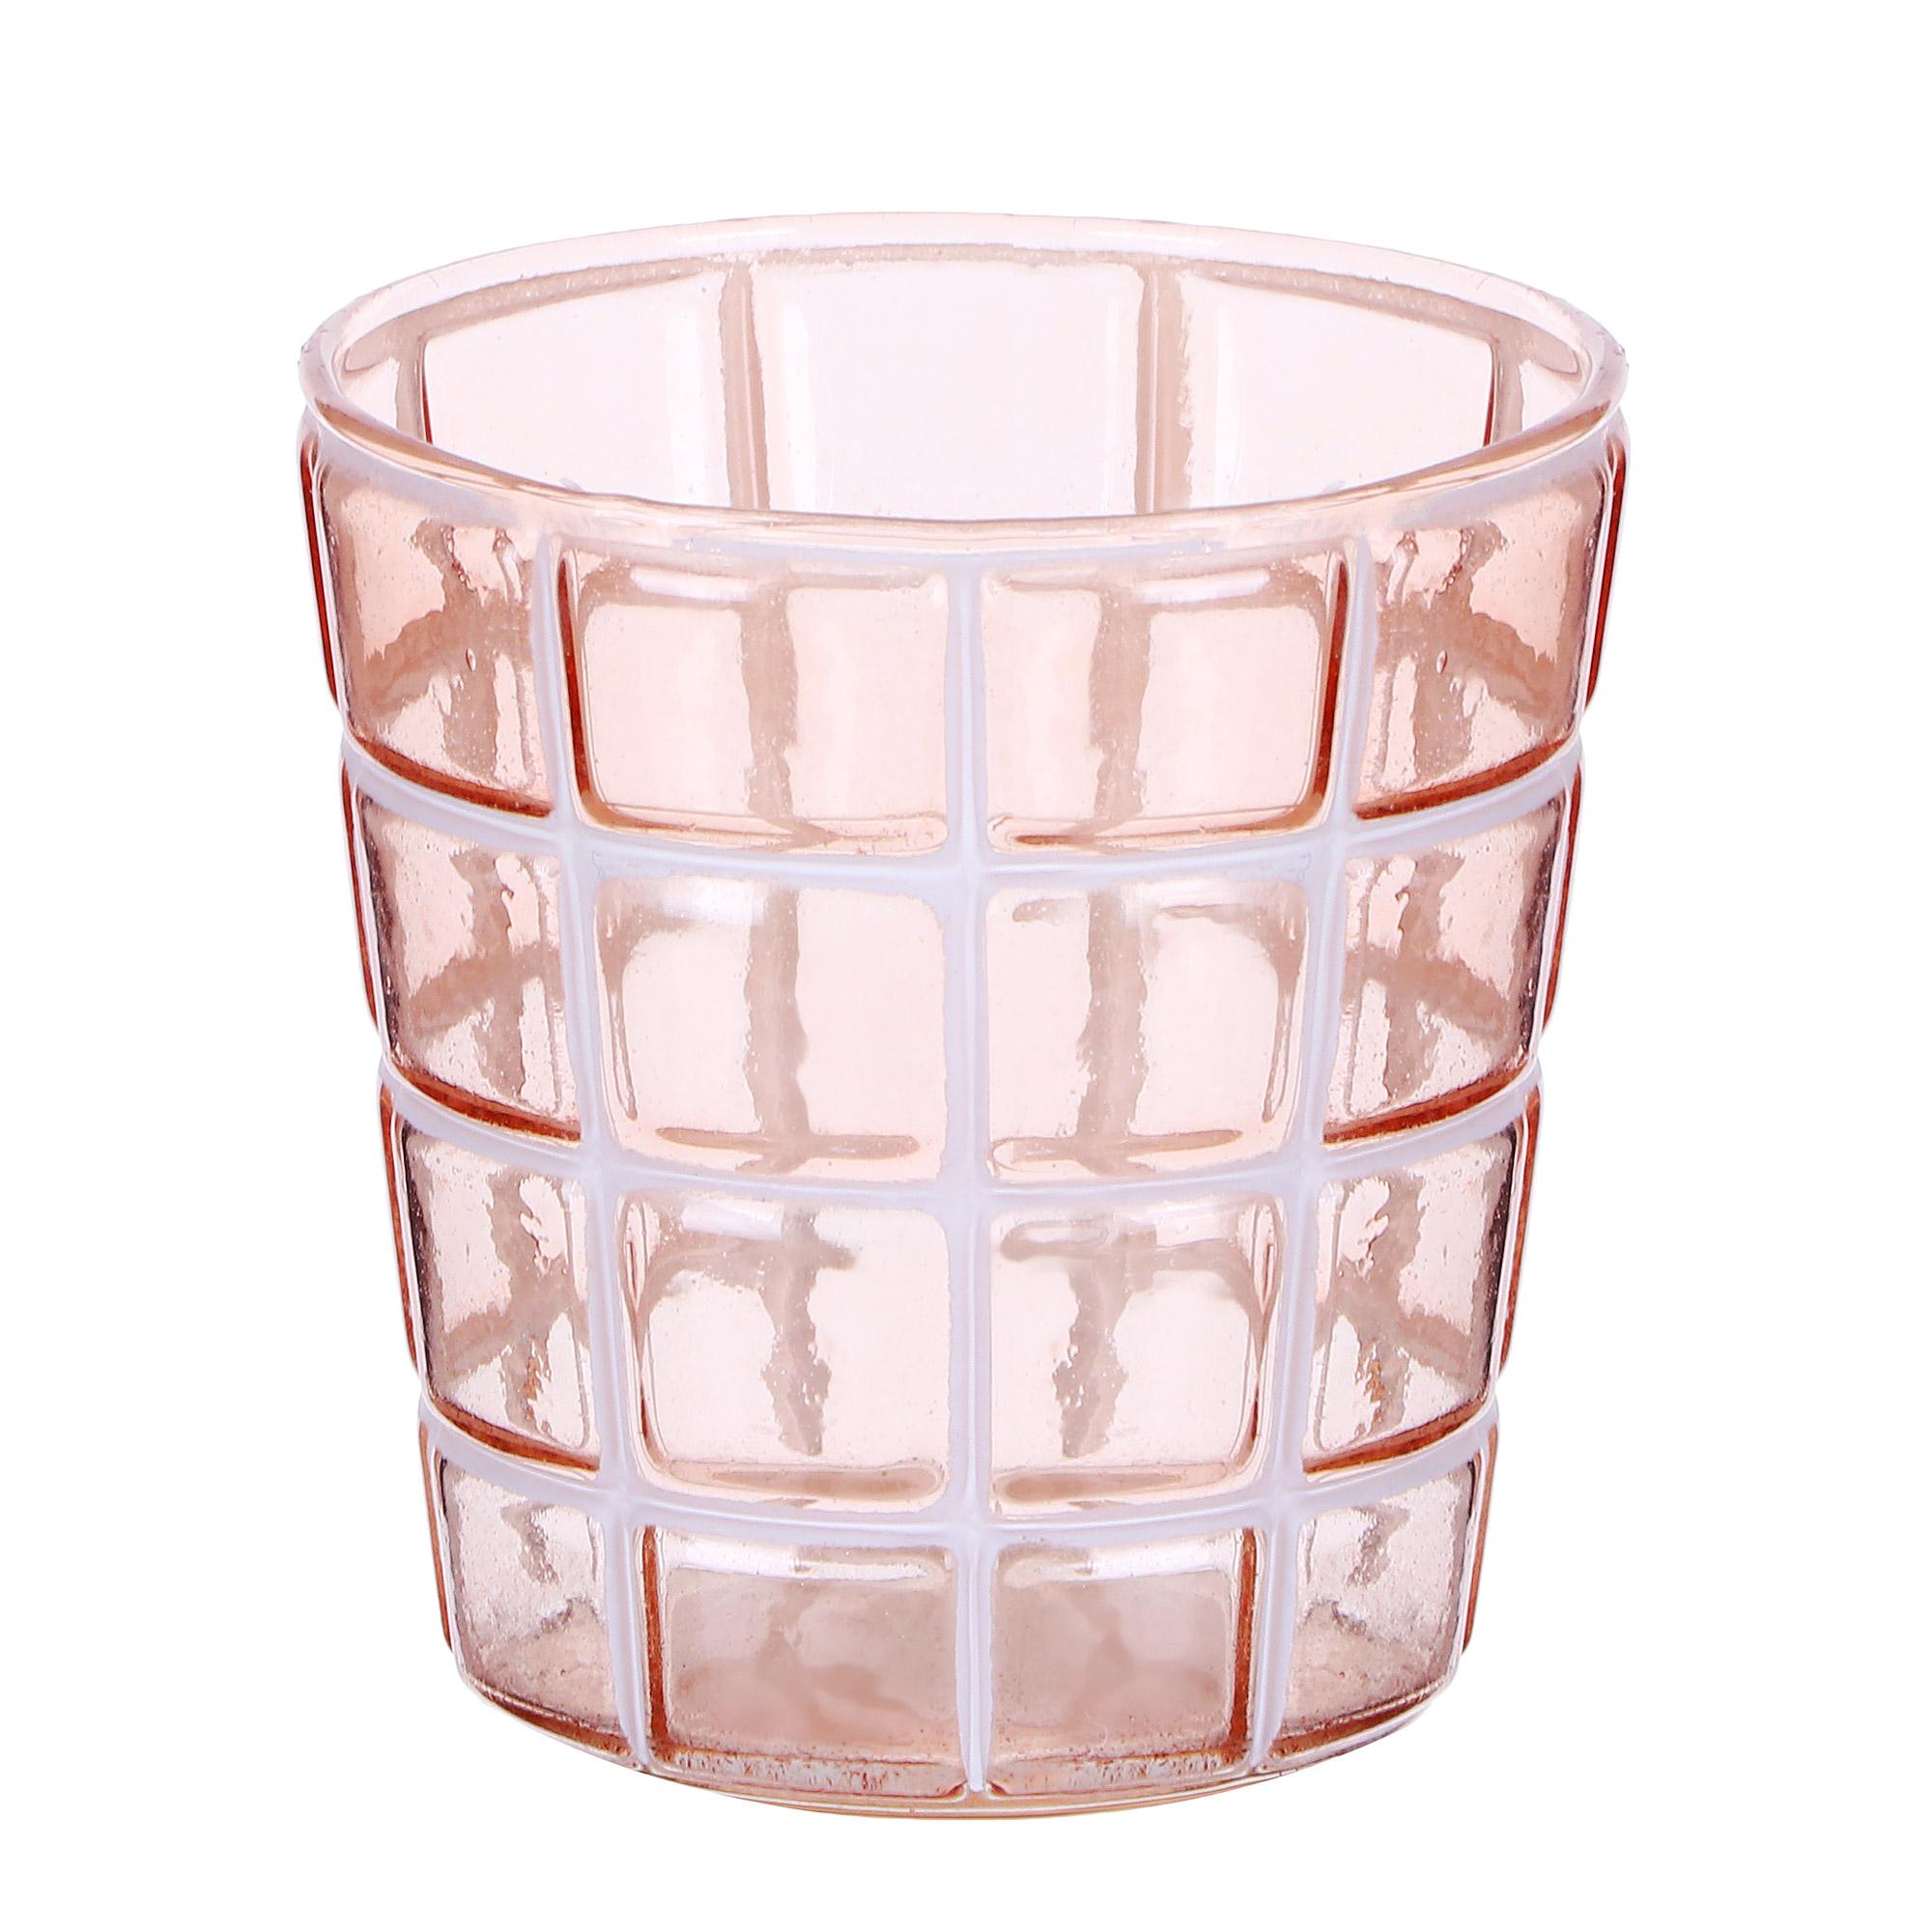 Подсвечник для чайной свечи 8.5x9см Koopman international